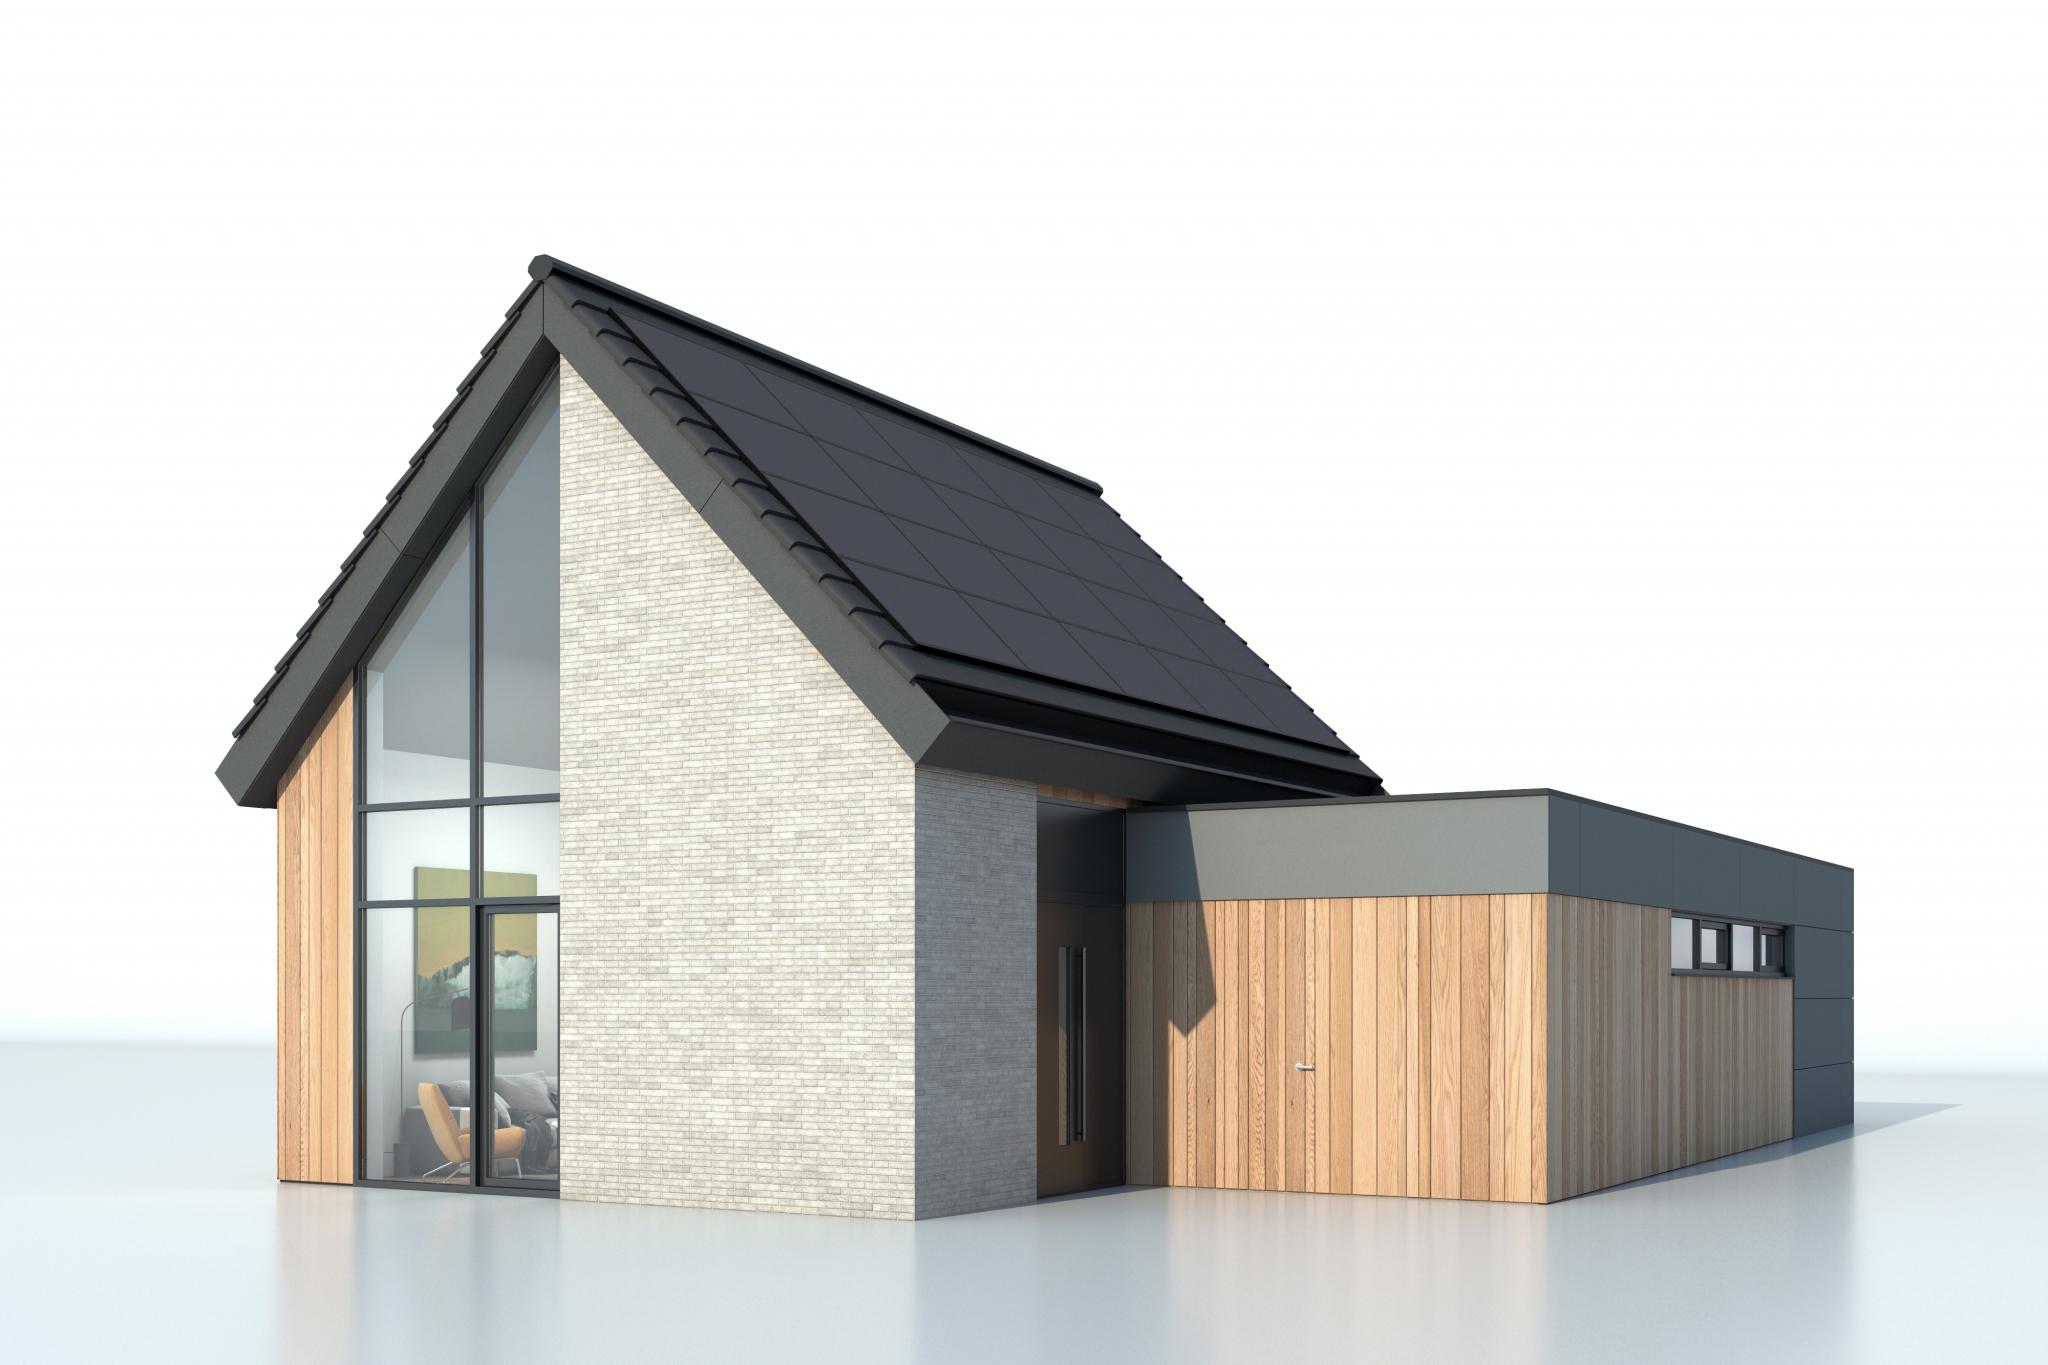 Bungalette nieuwbouw bungalow, type met zadeldak (dwarskap). Gezien vanaf ooghoogte.